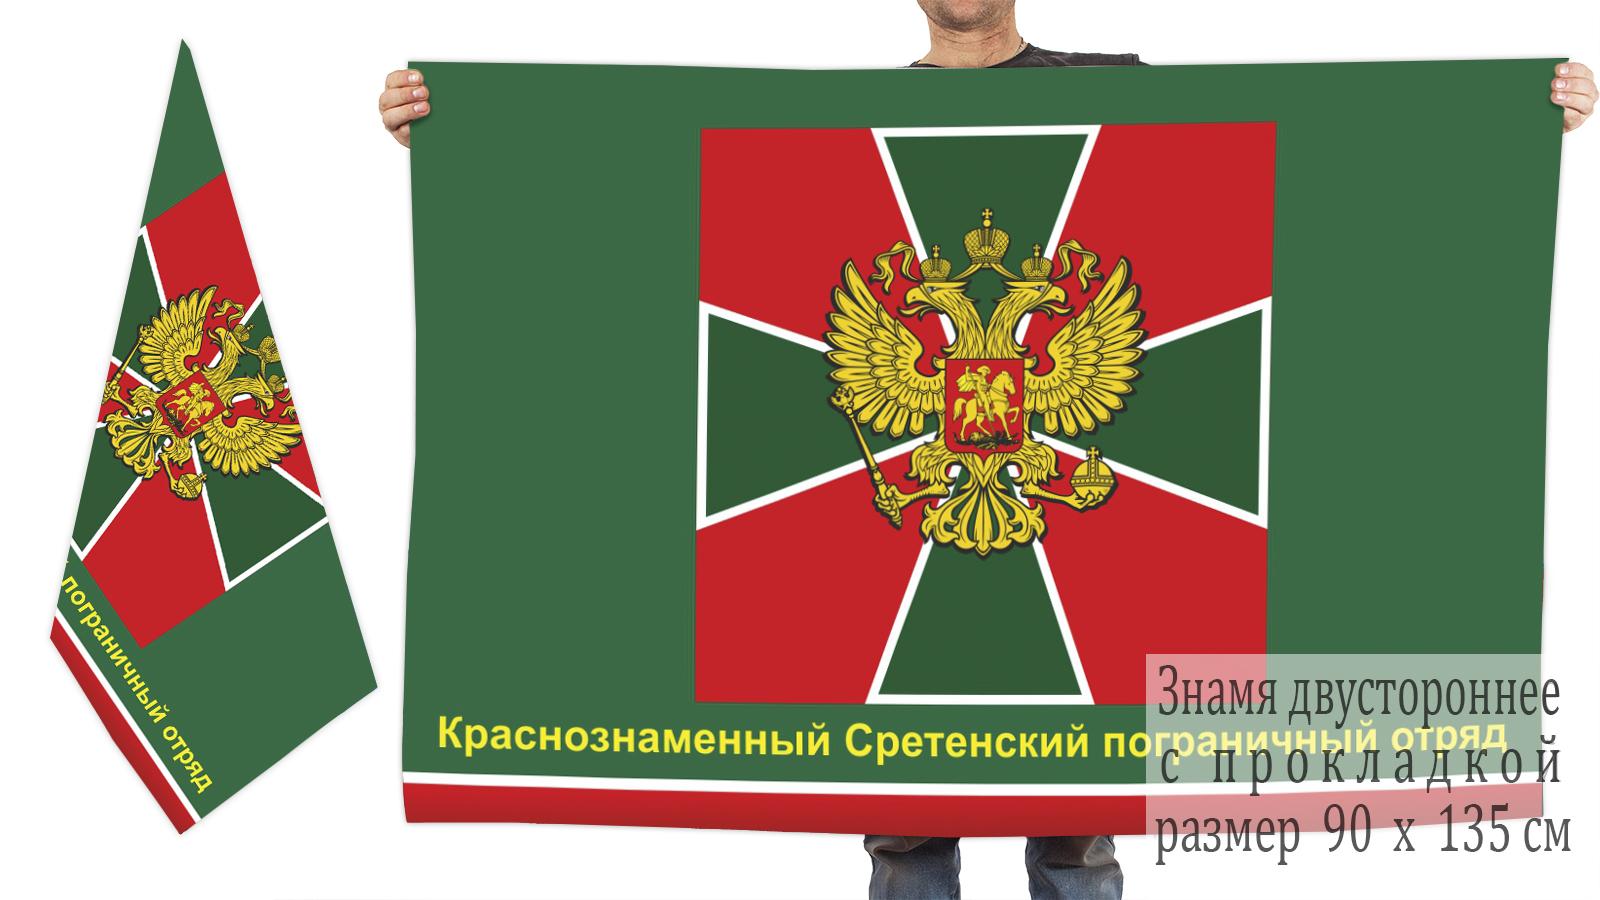 Двусторонний флаг Краснознамённого Сретенского погранотряда